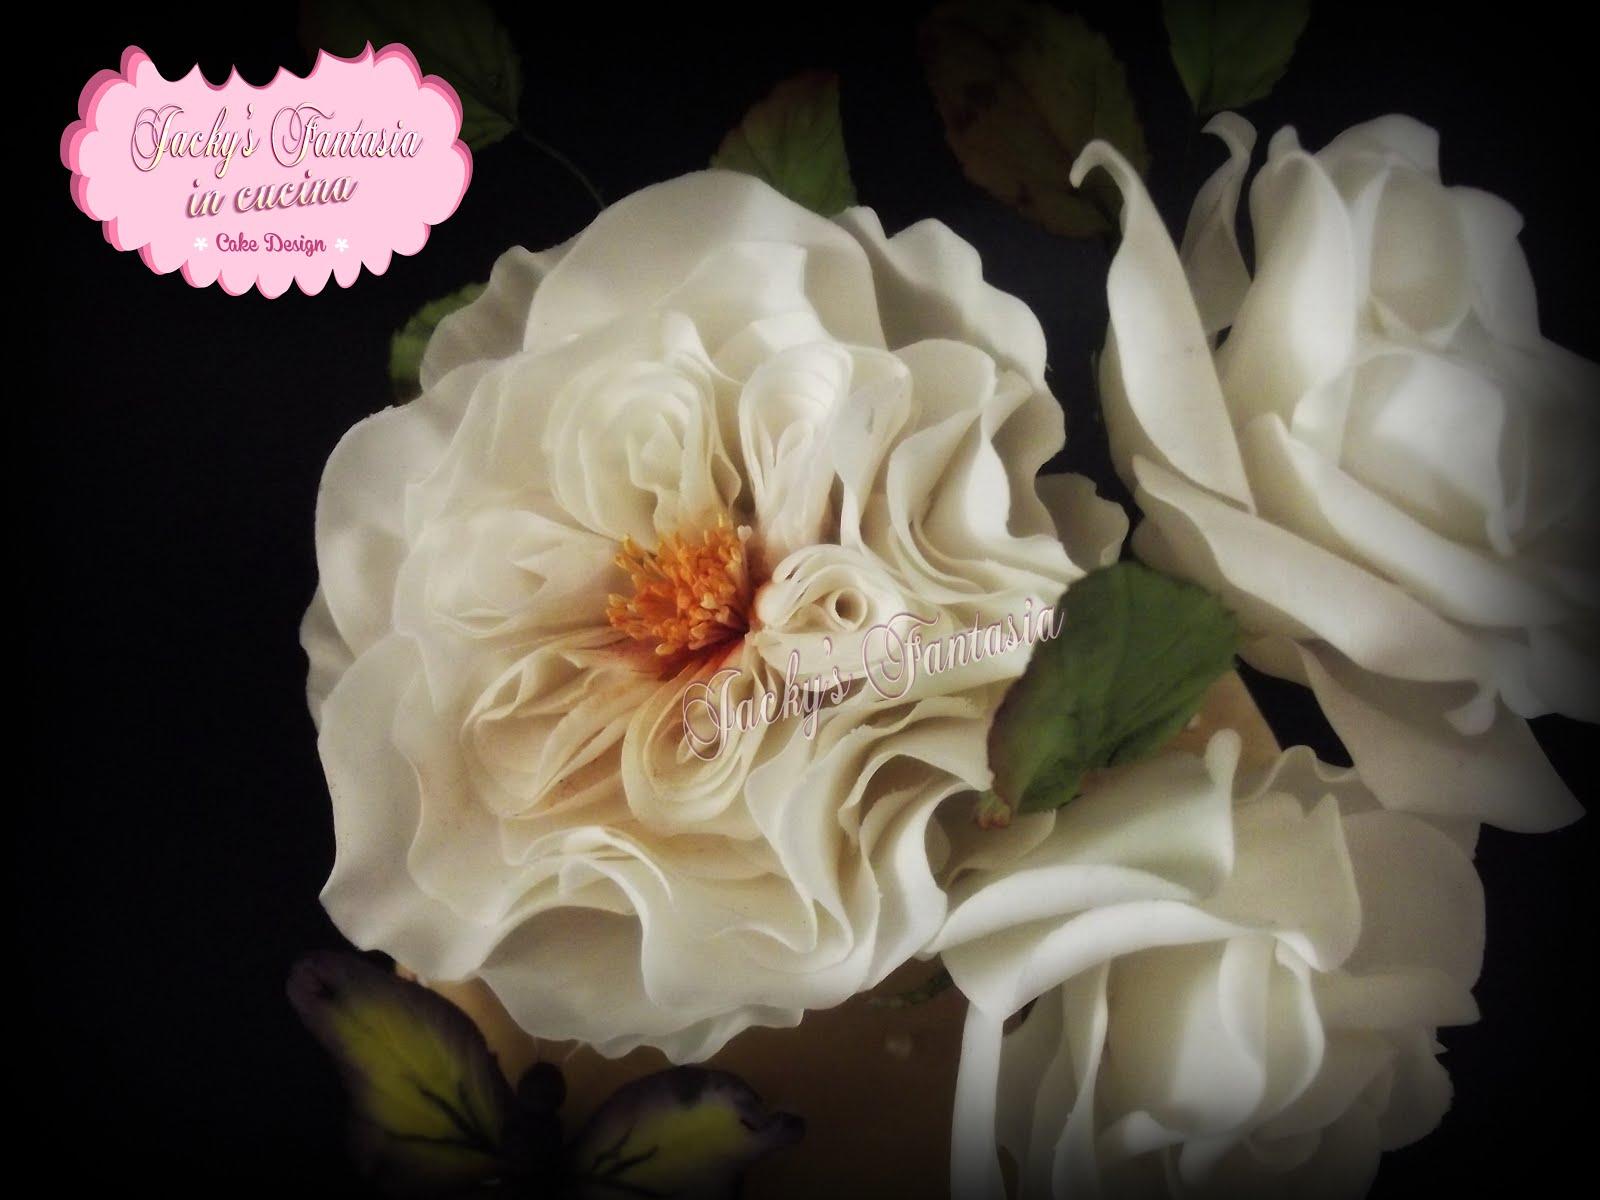 Rosa inglesa in gum paste!